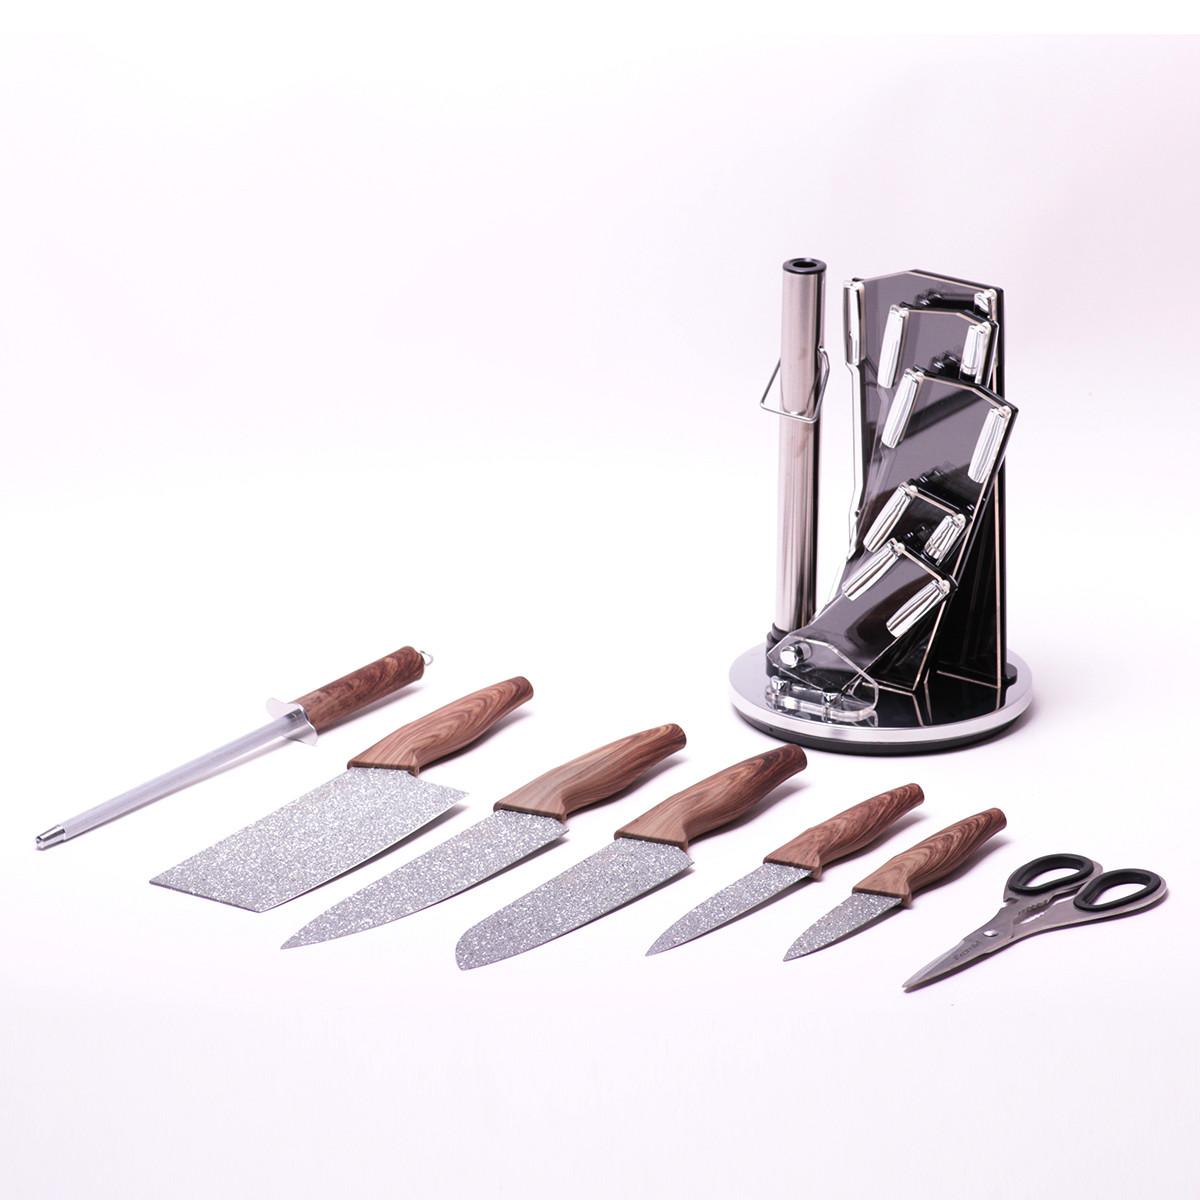 Набор кухонных ножей с мраморным покрытием Kamille, 5 ножей + точилка + ножницы на акриловой подставке